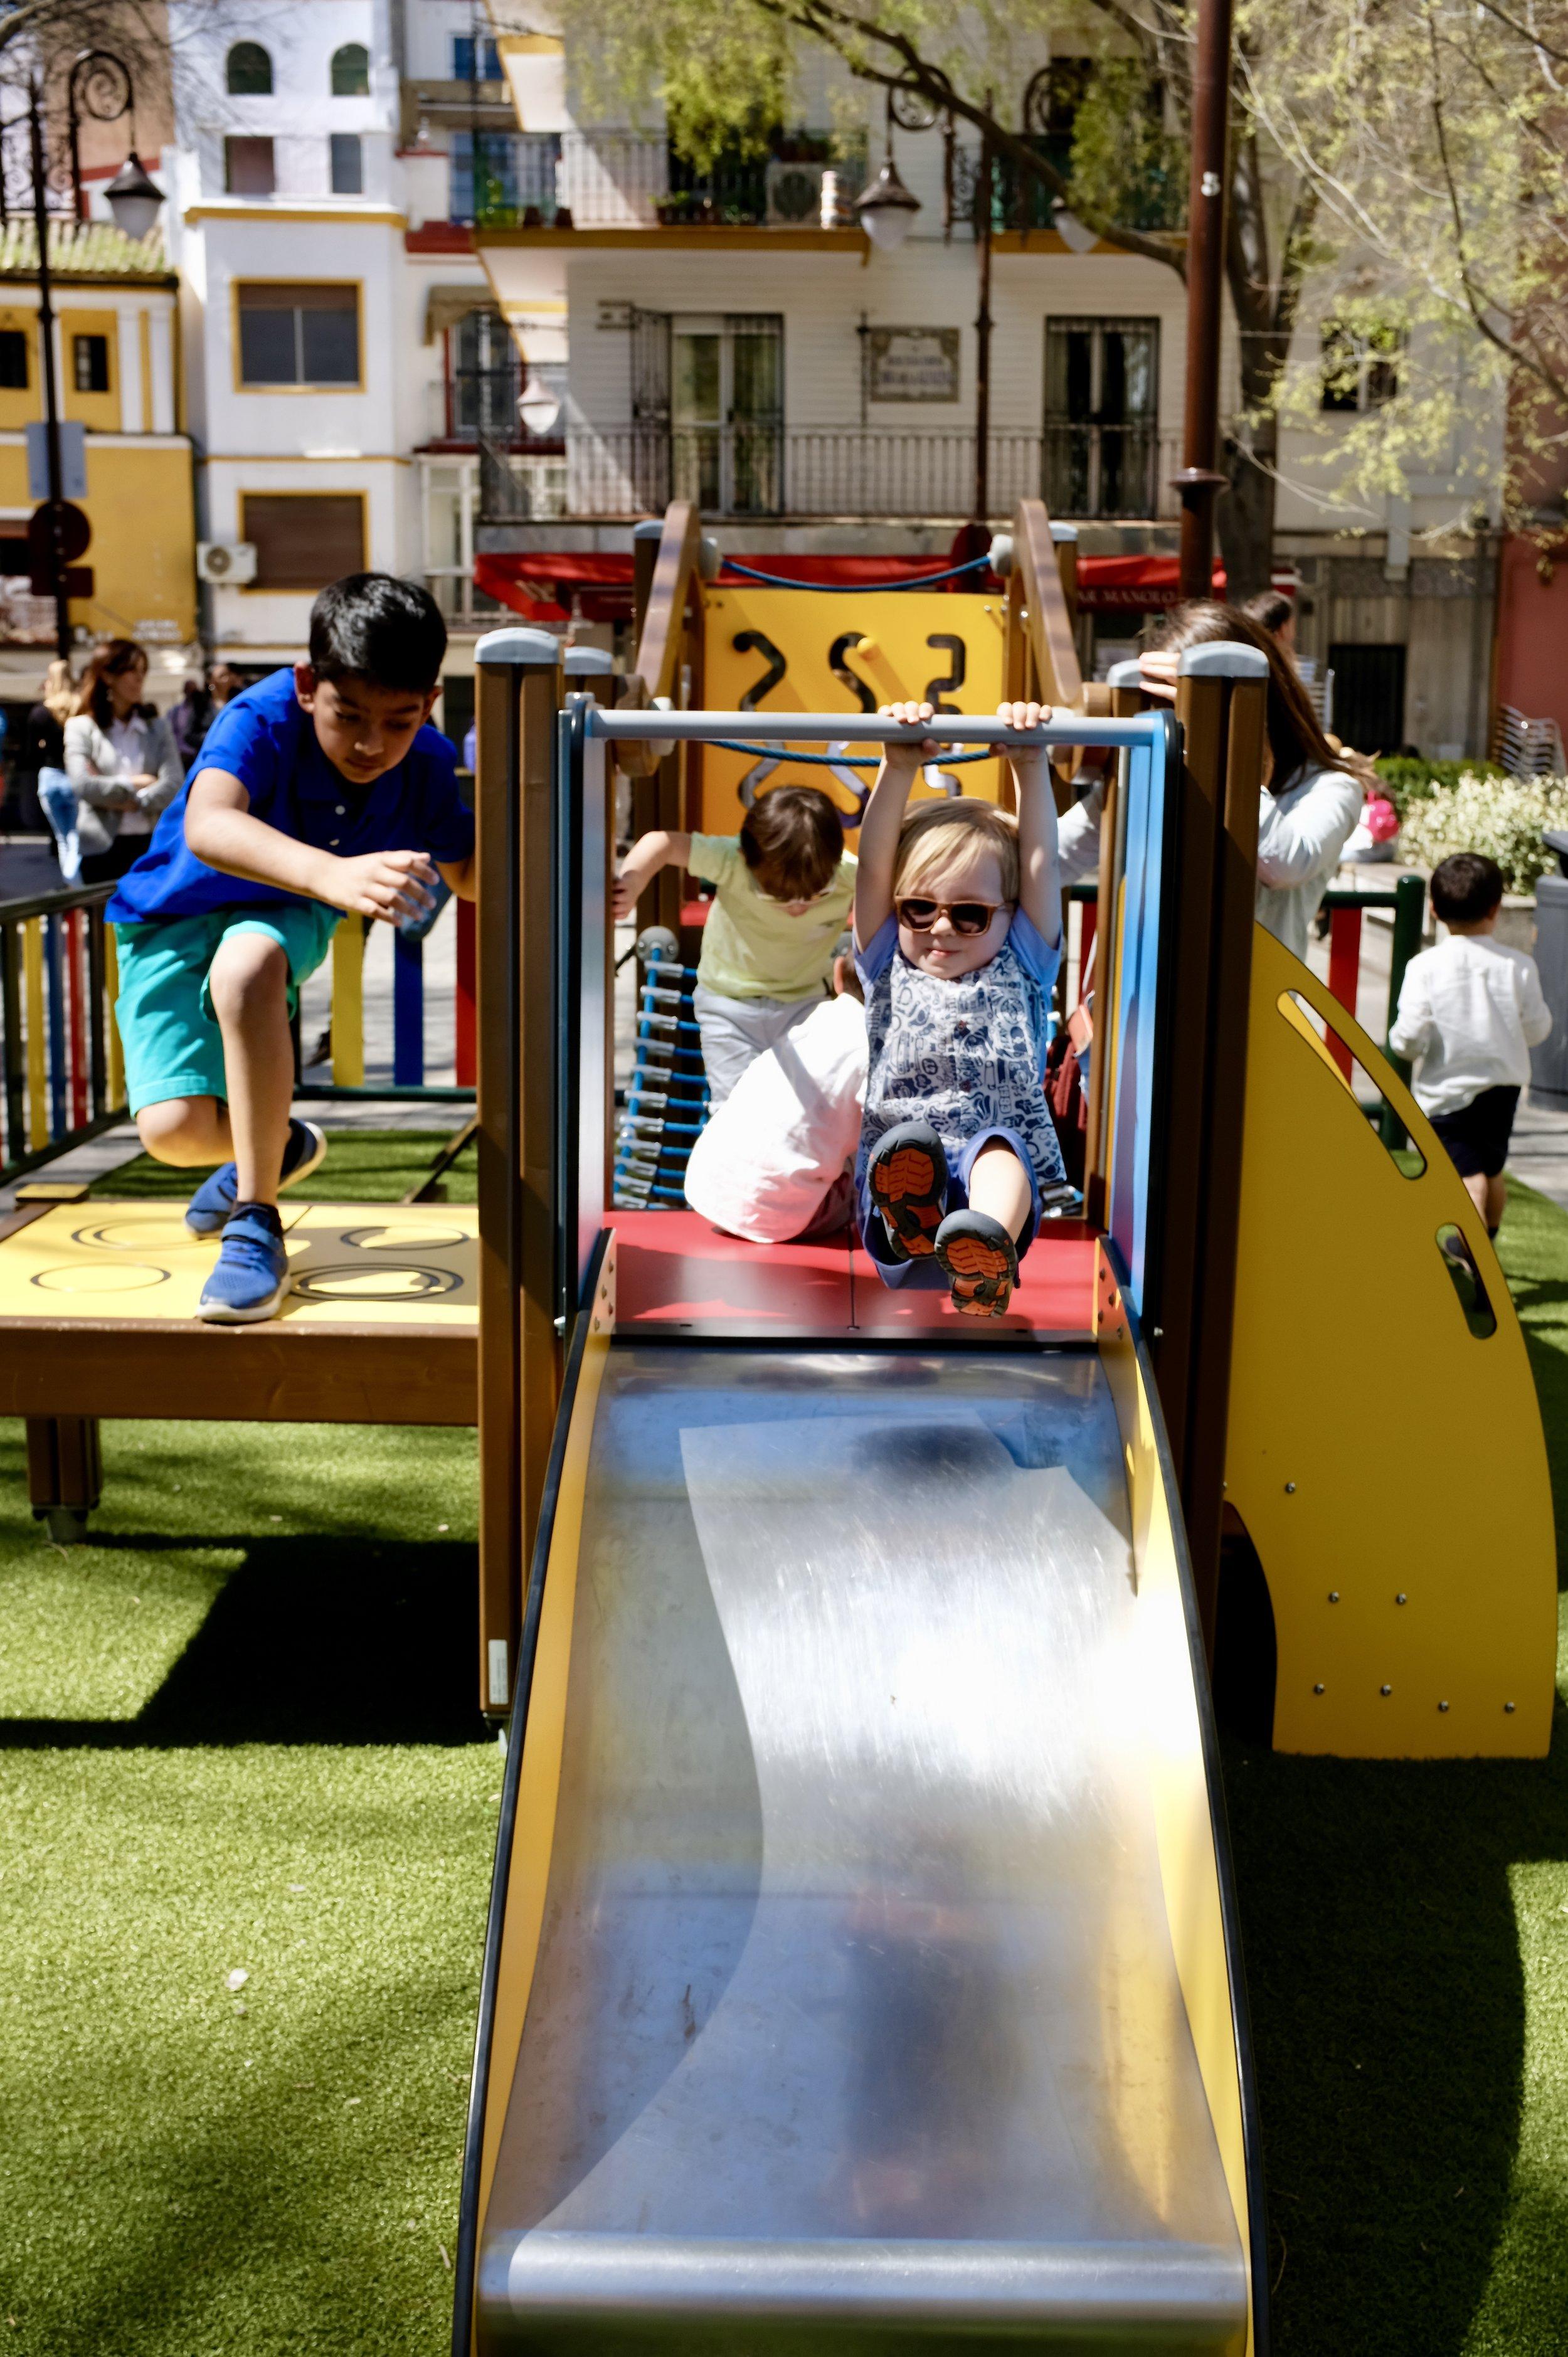 Plaza de la Alfalfa_City Nibbler_Seville